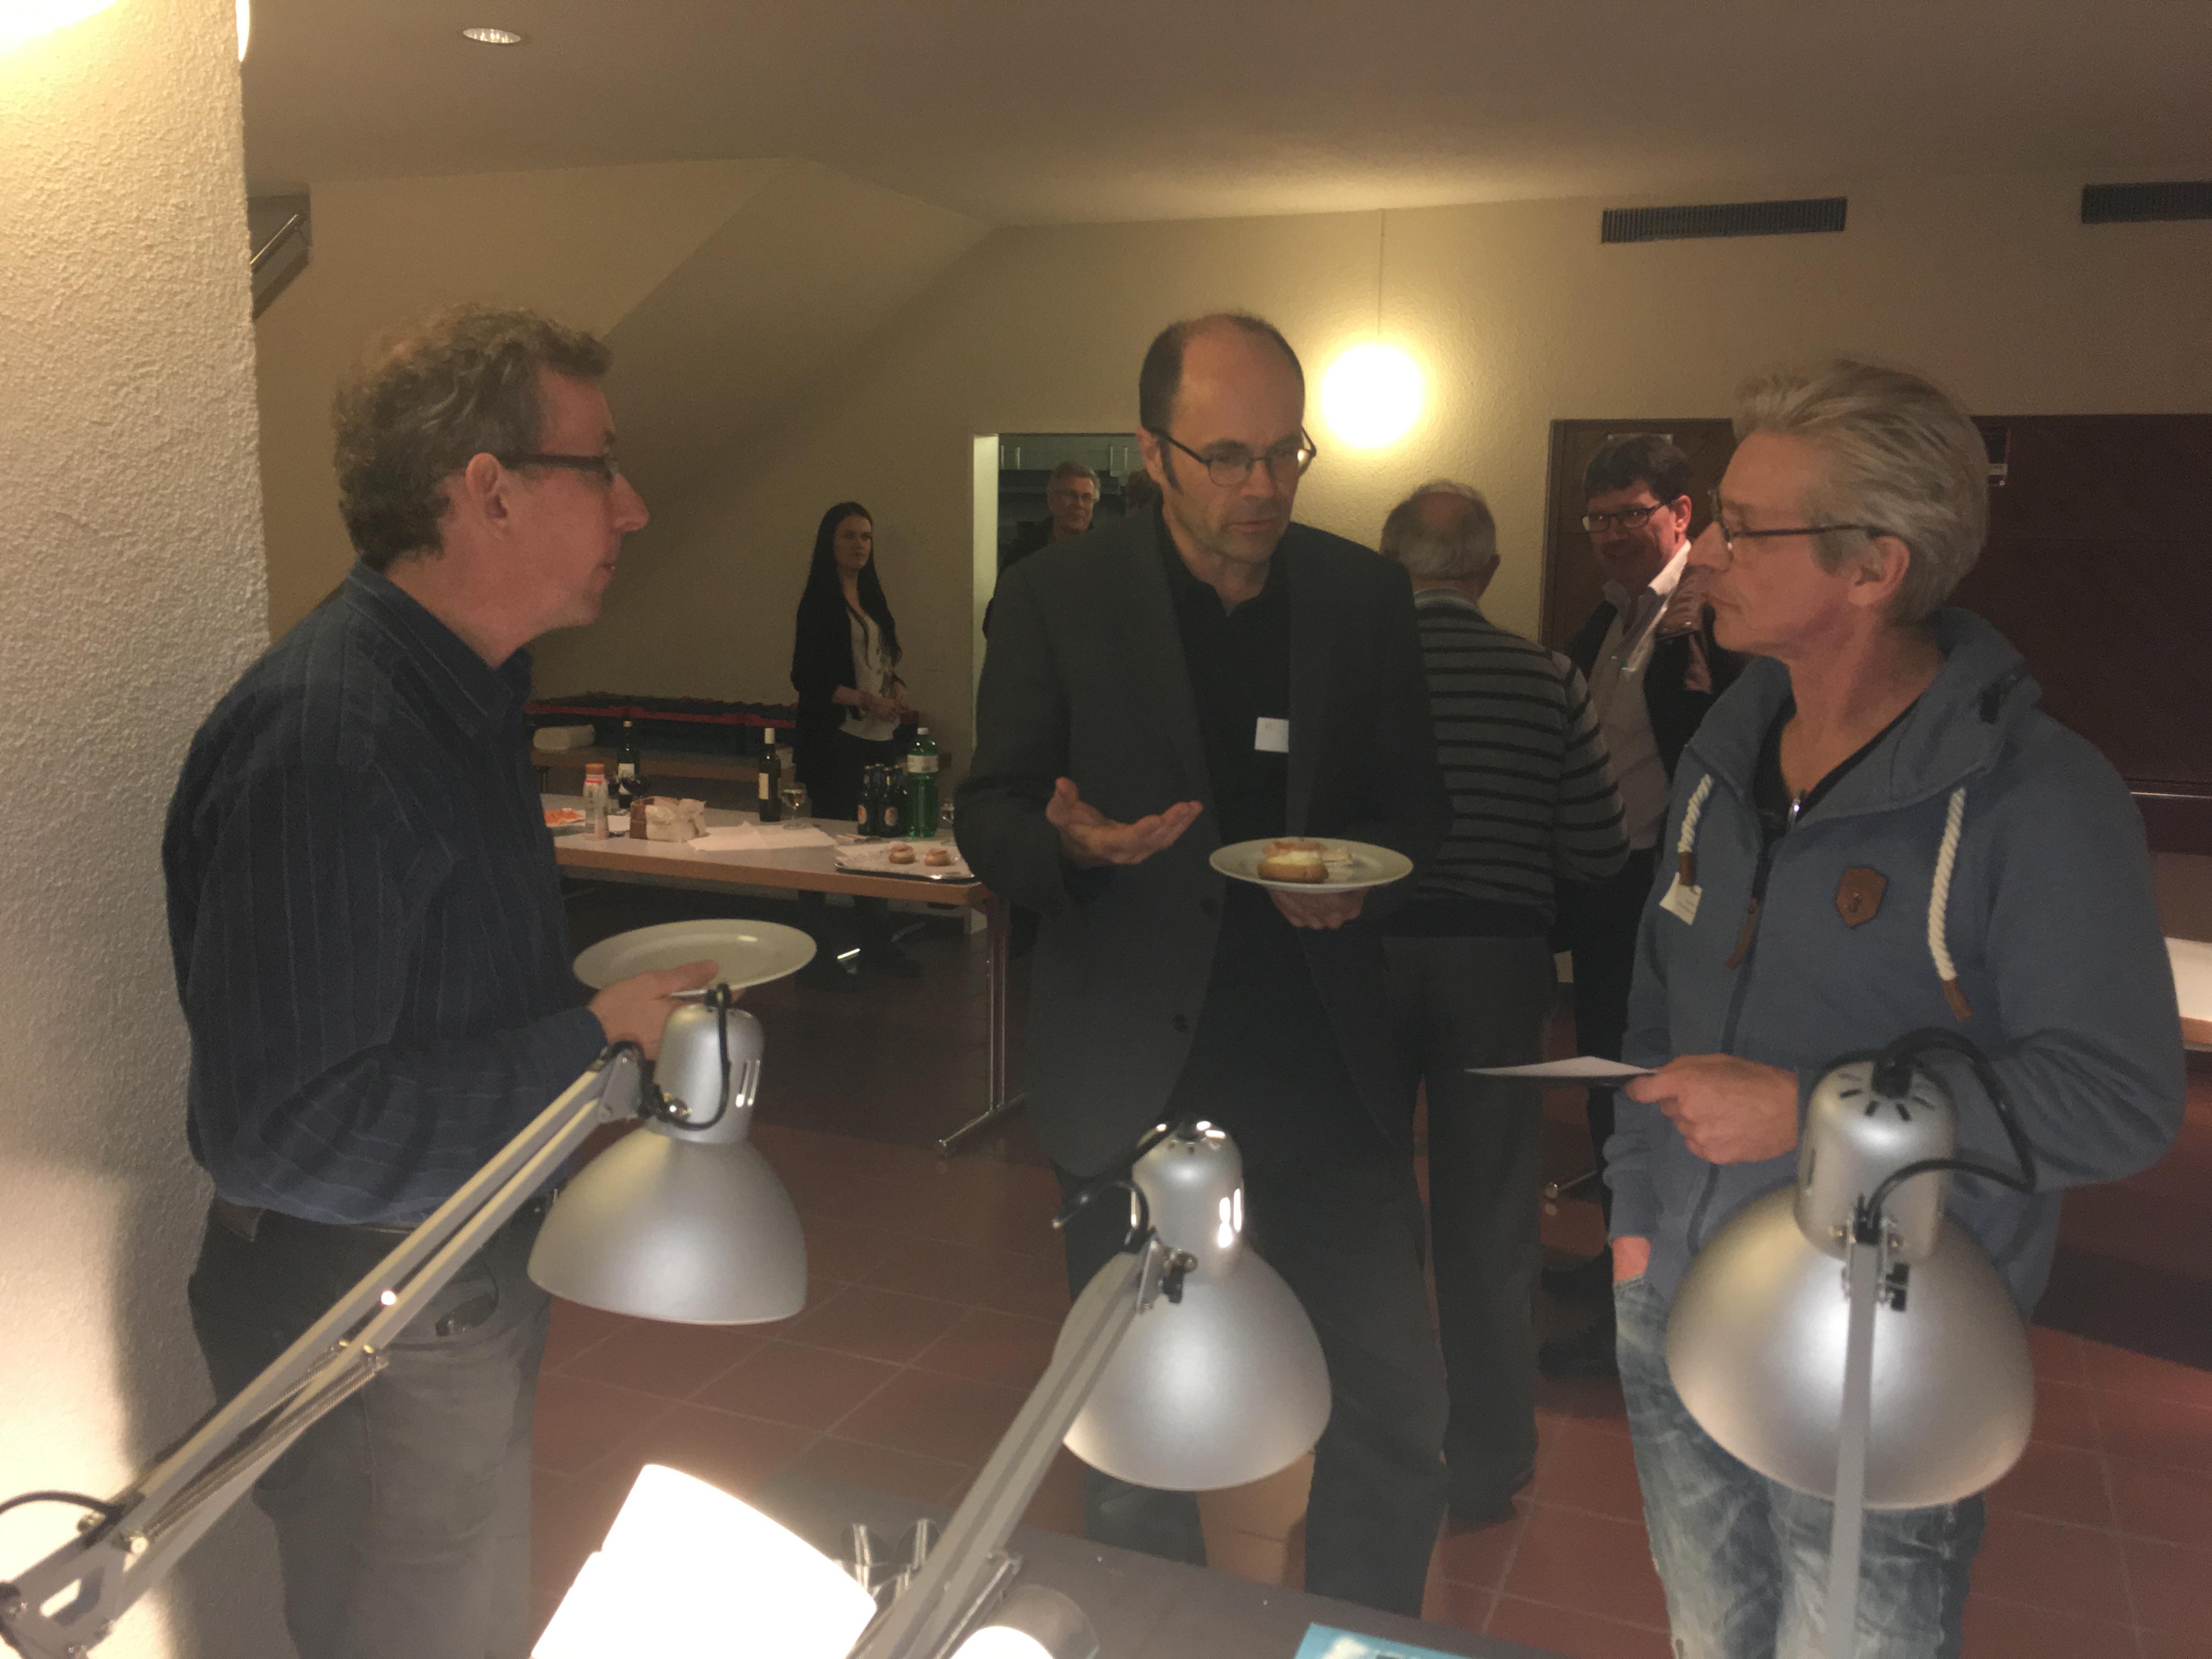 David Weisser von fokusform erklärt Gemeinderat Rolf Meyer von Wasterkingen und Lukas Schuler von Dark-Sky seine Angebote in der Lichtplanung